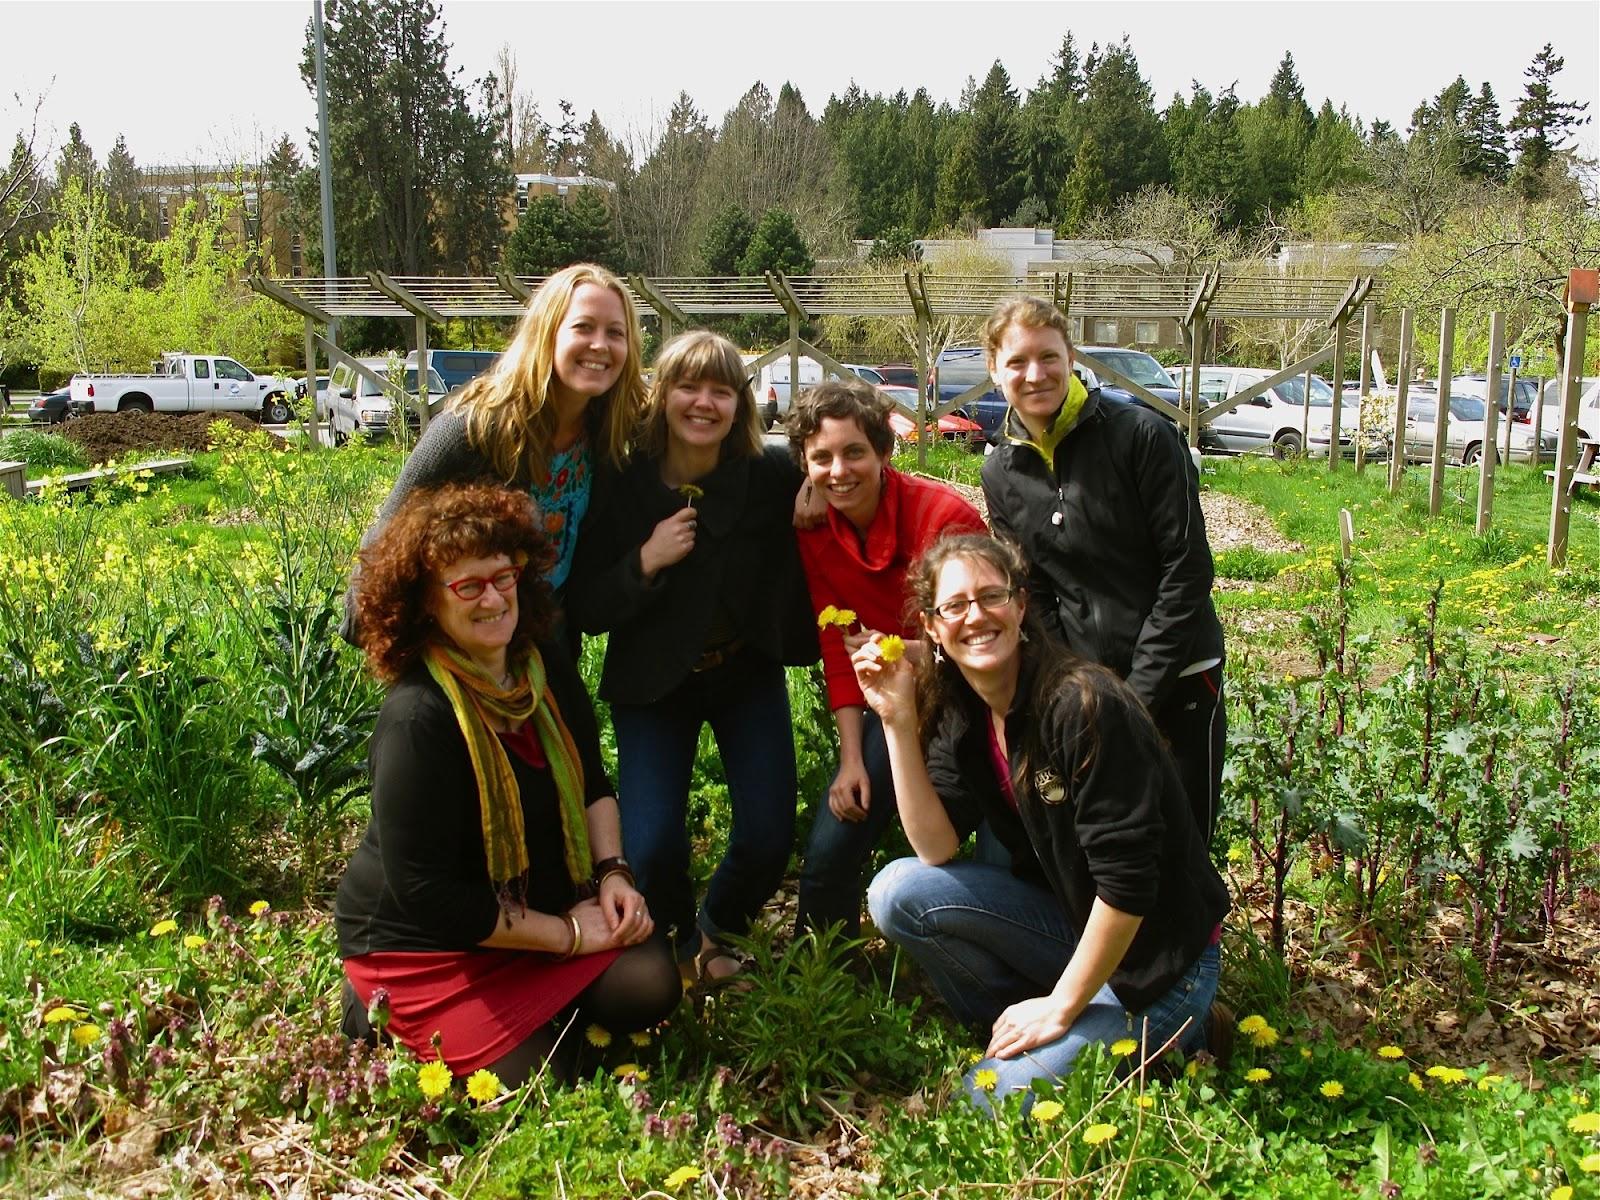 The Orchard Garden Alternative Practicum In The Garden